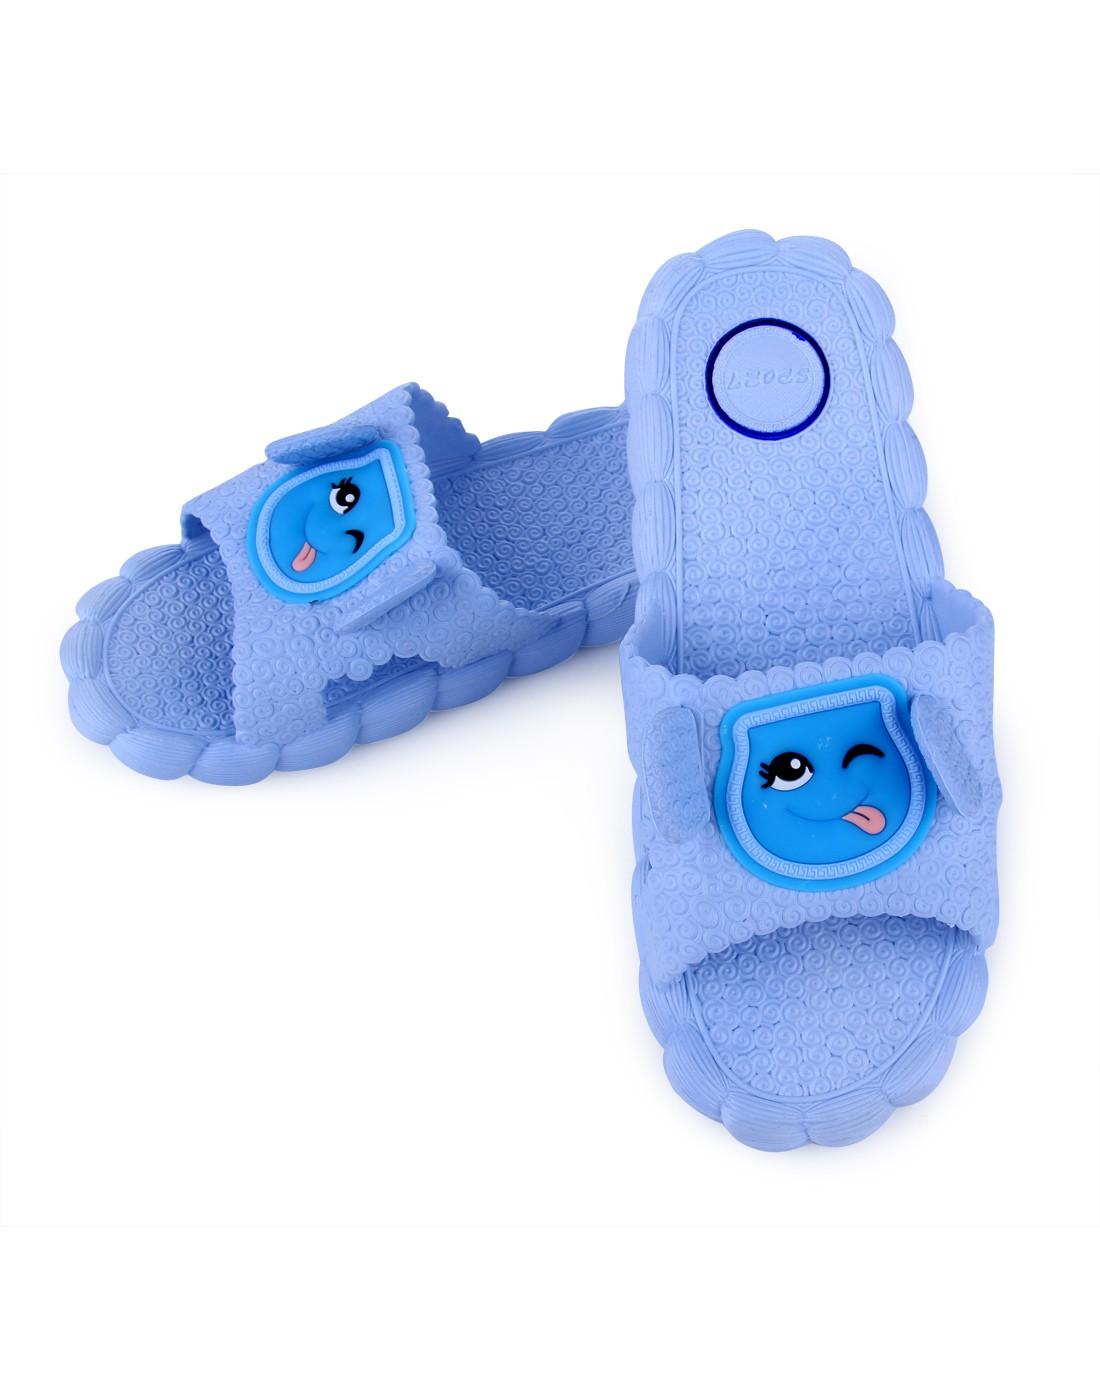 浅蓝色可爱小羊造型防滑居家拖鞋女款